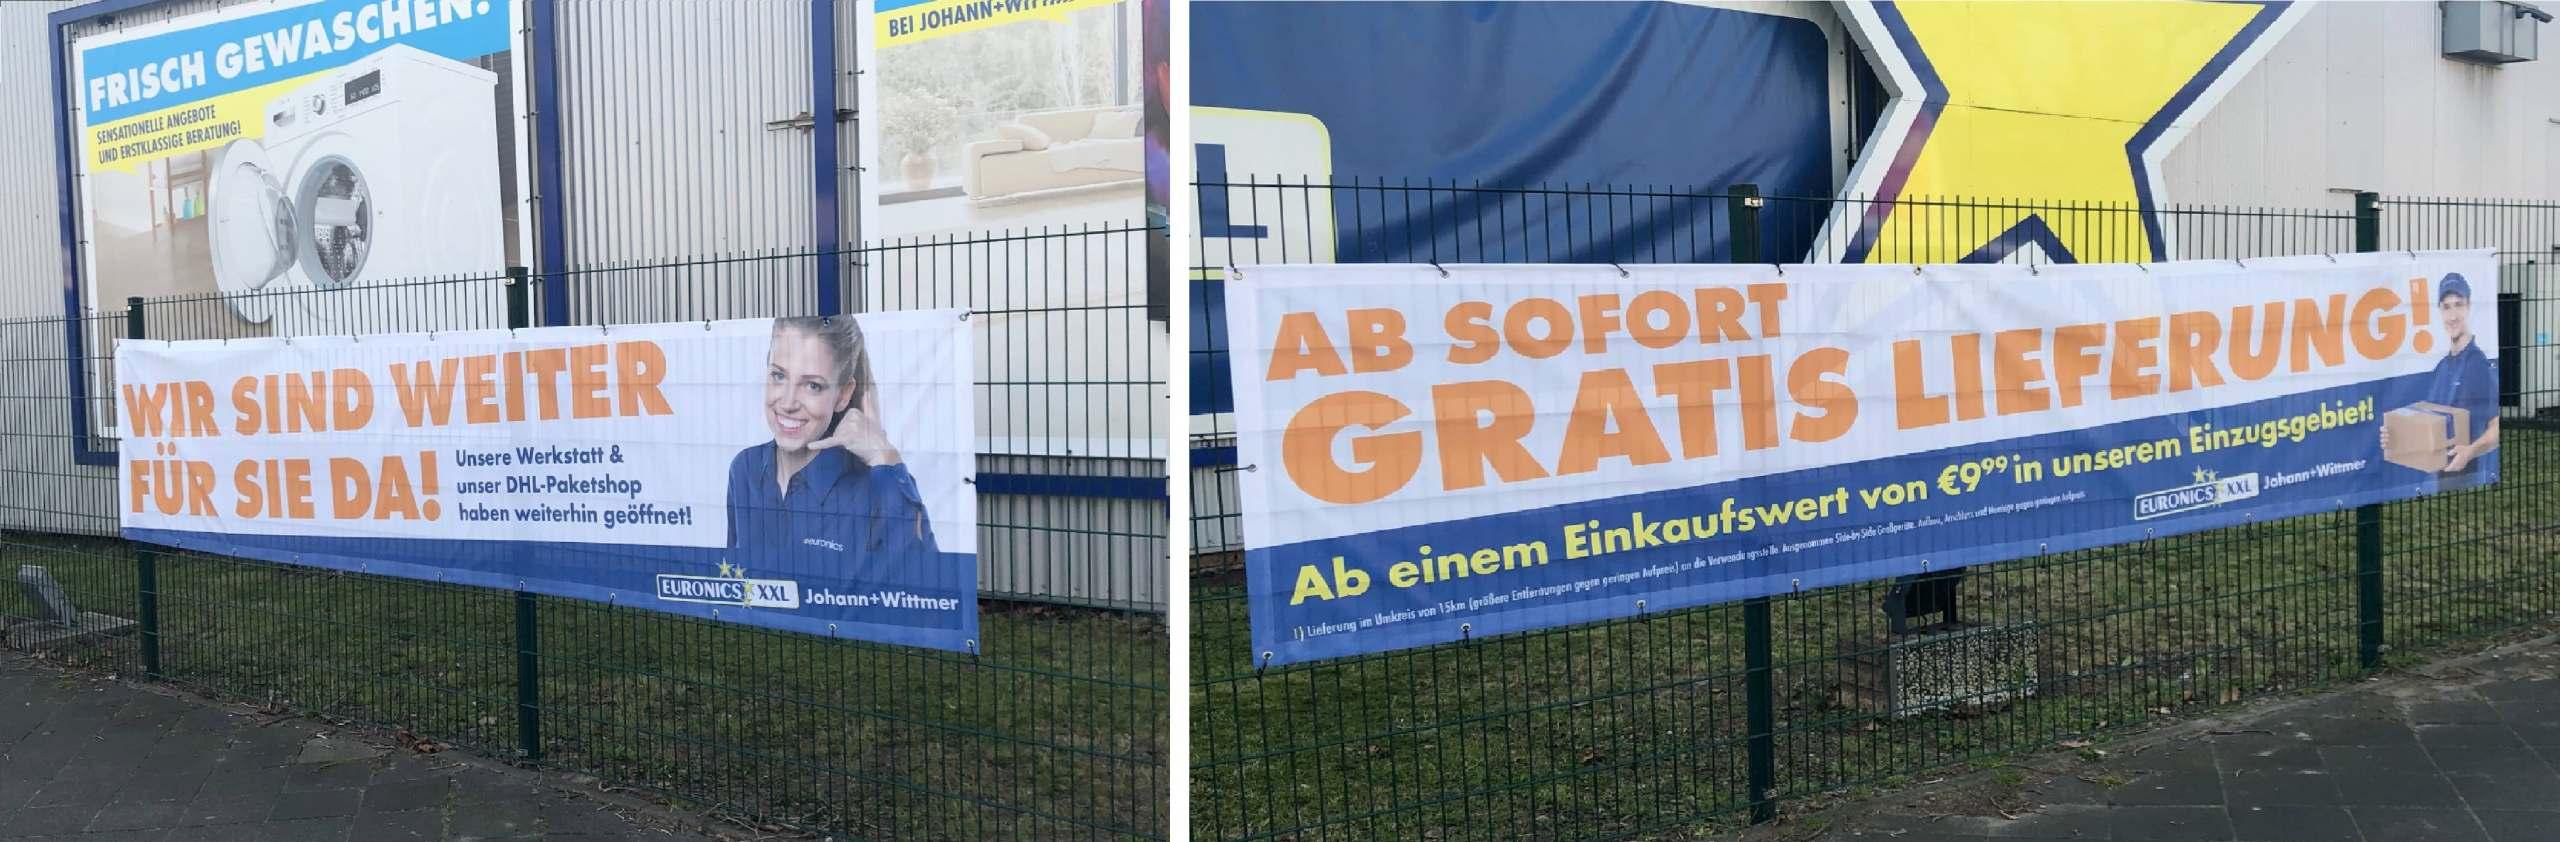 Die Plakate bei Euronics XXL Johann+Wittmer transportieren klare Botschaften in puncto Erreichbarkeit und Lieferung.